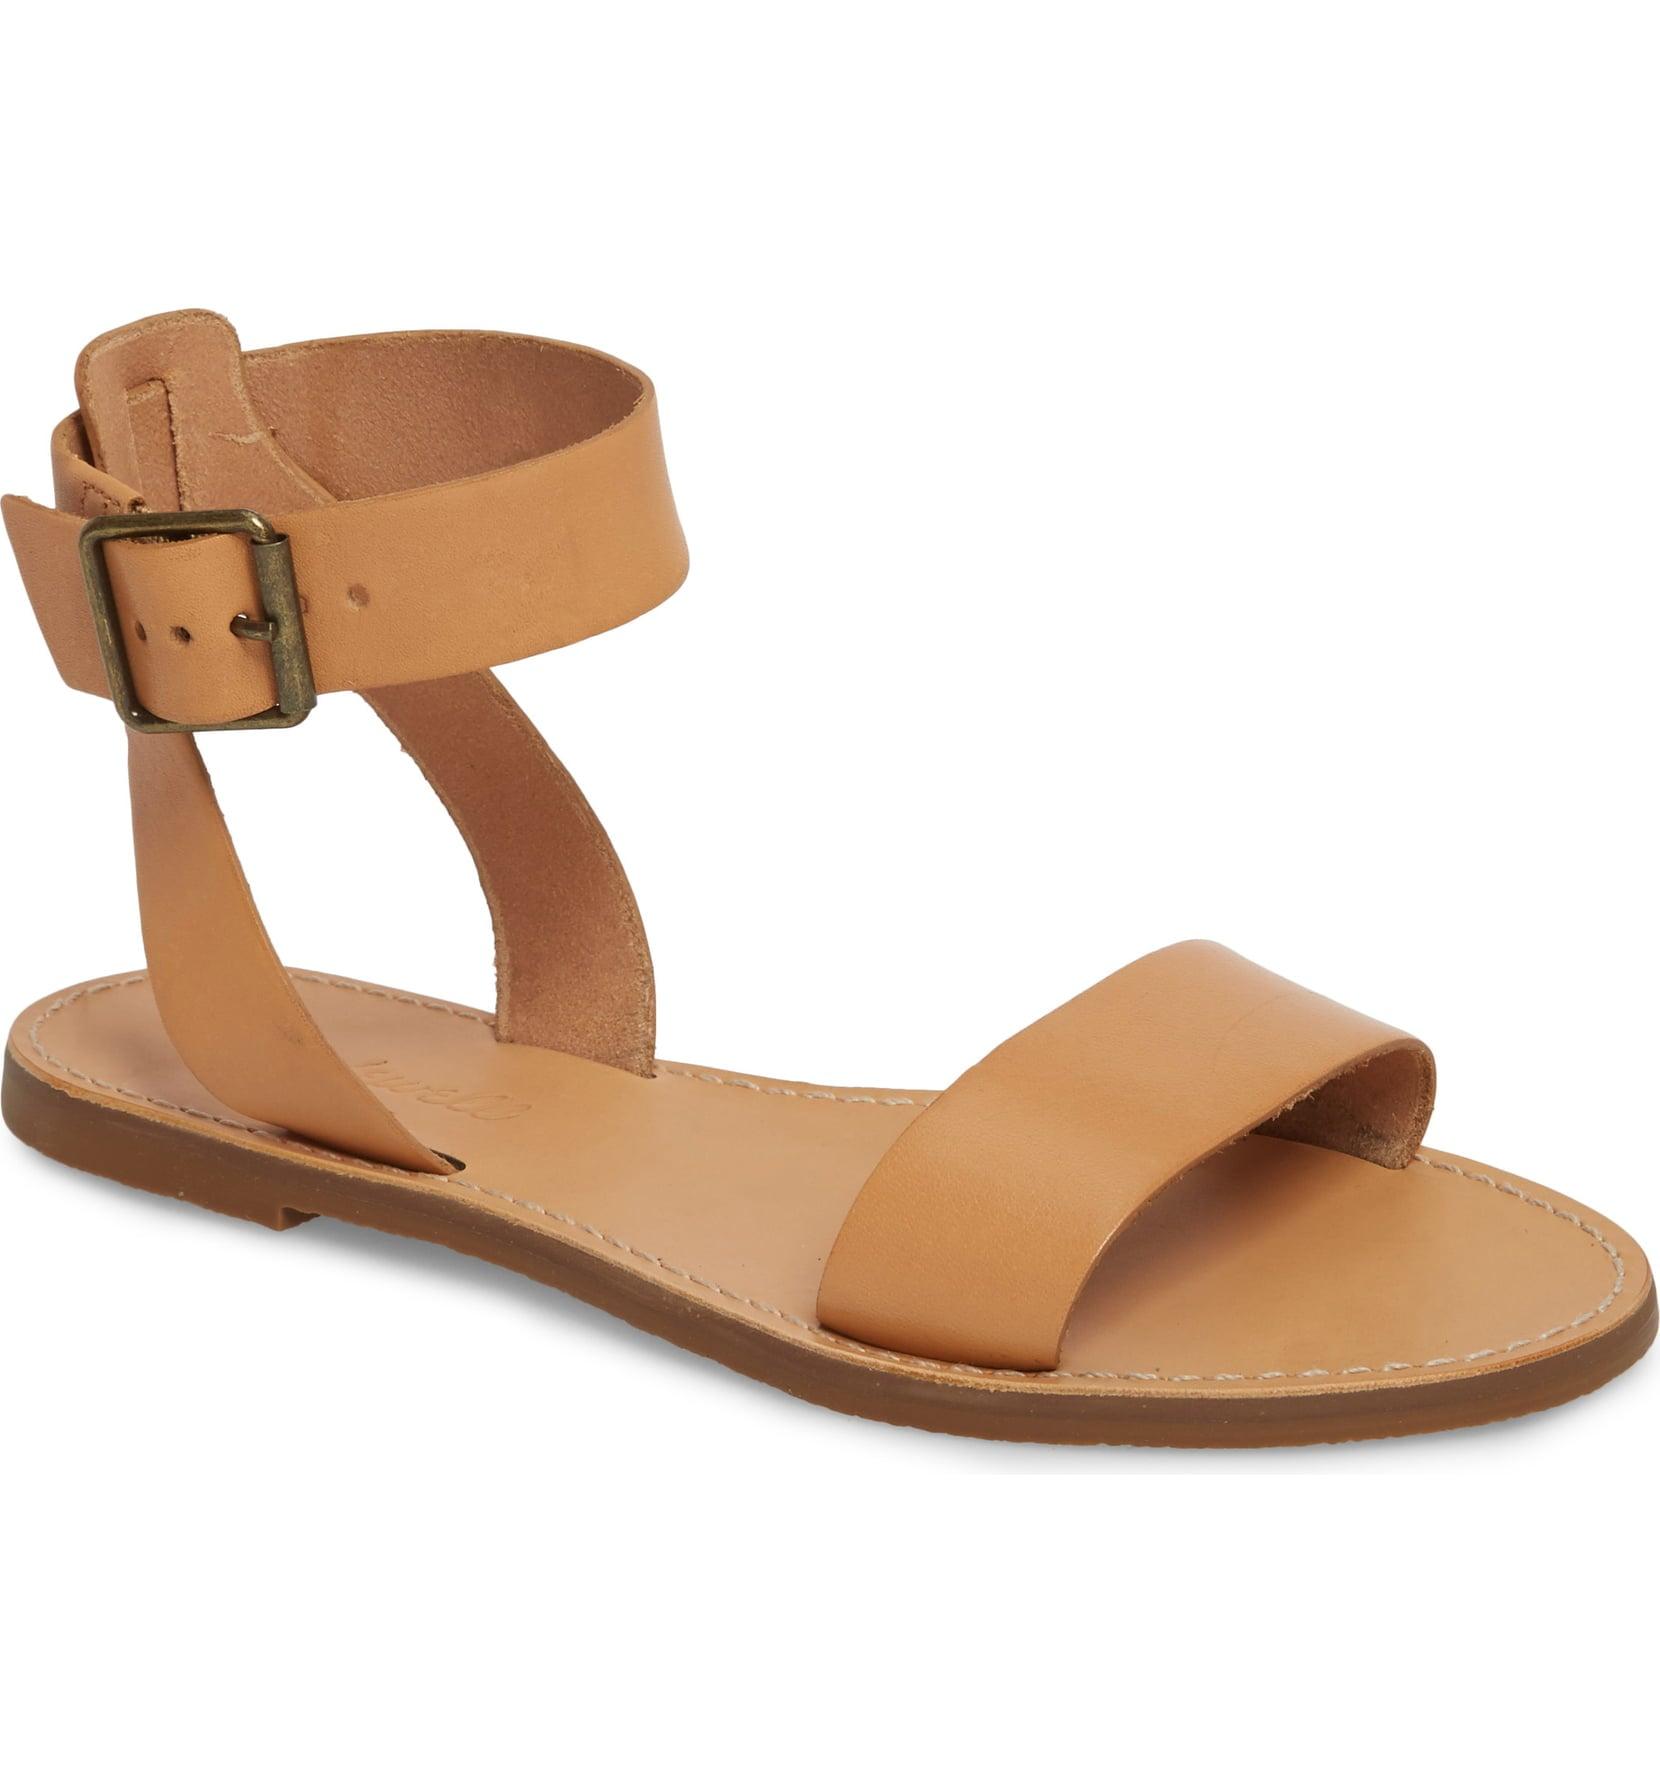 Best Flat Sandals 2019 | POPSUGAR Fashion